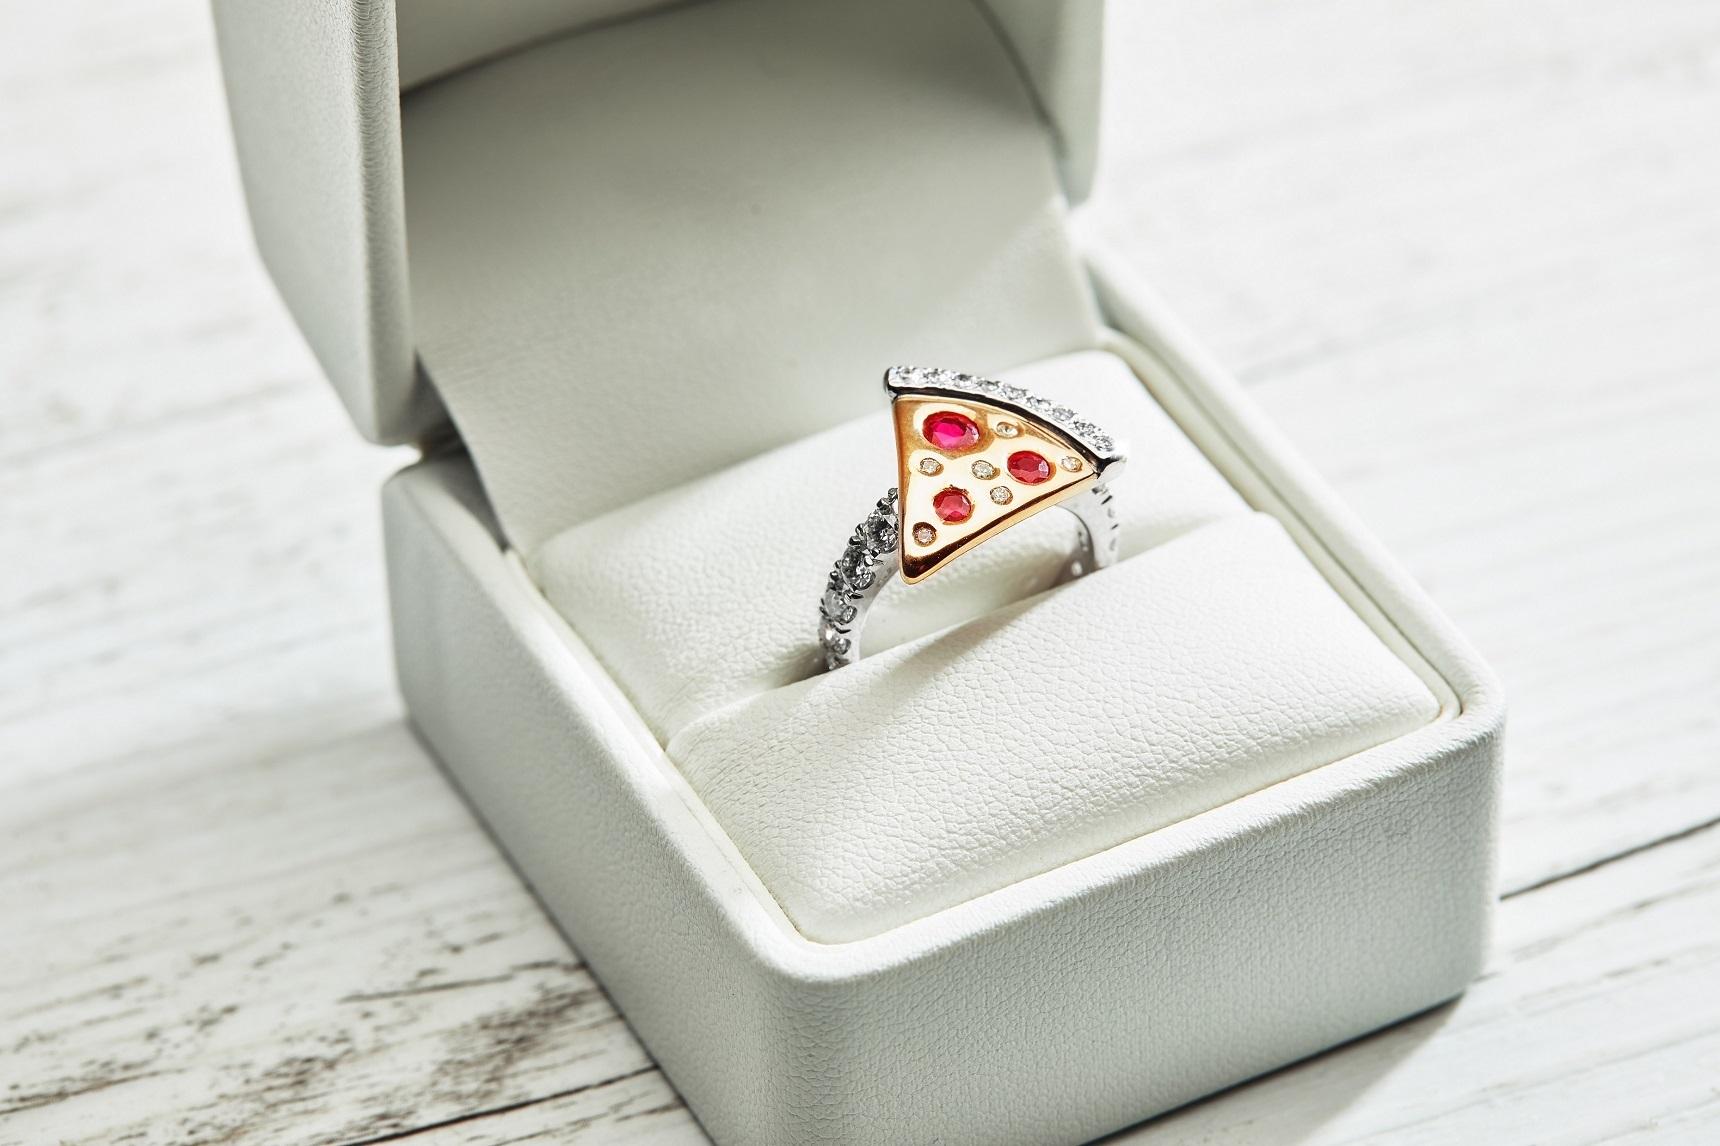 Domino's выпустил в продажу бриллиантовое кольцо в форме пиццы